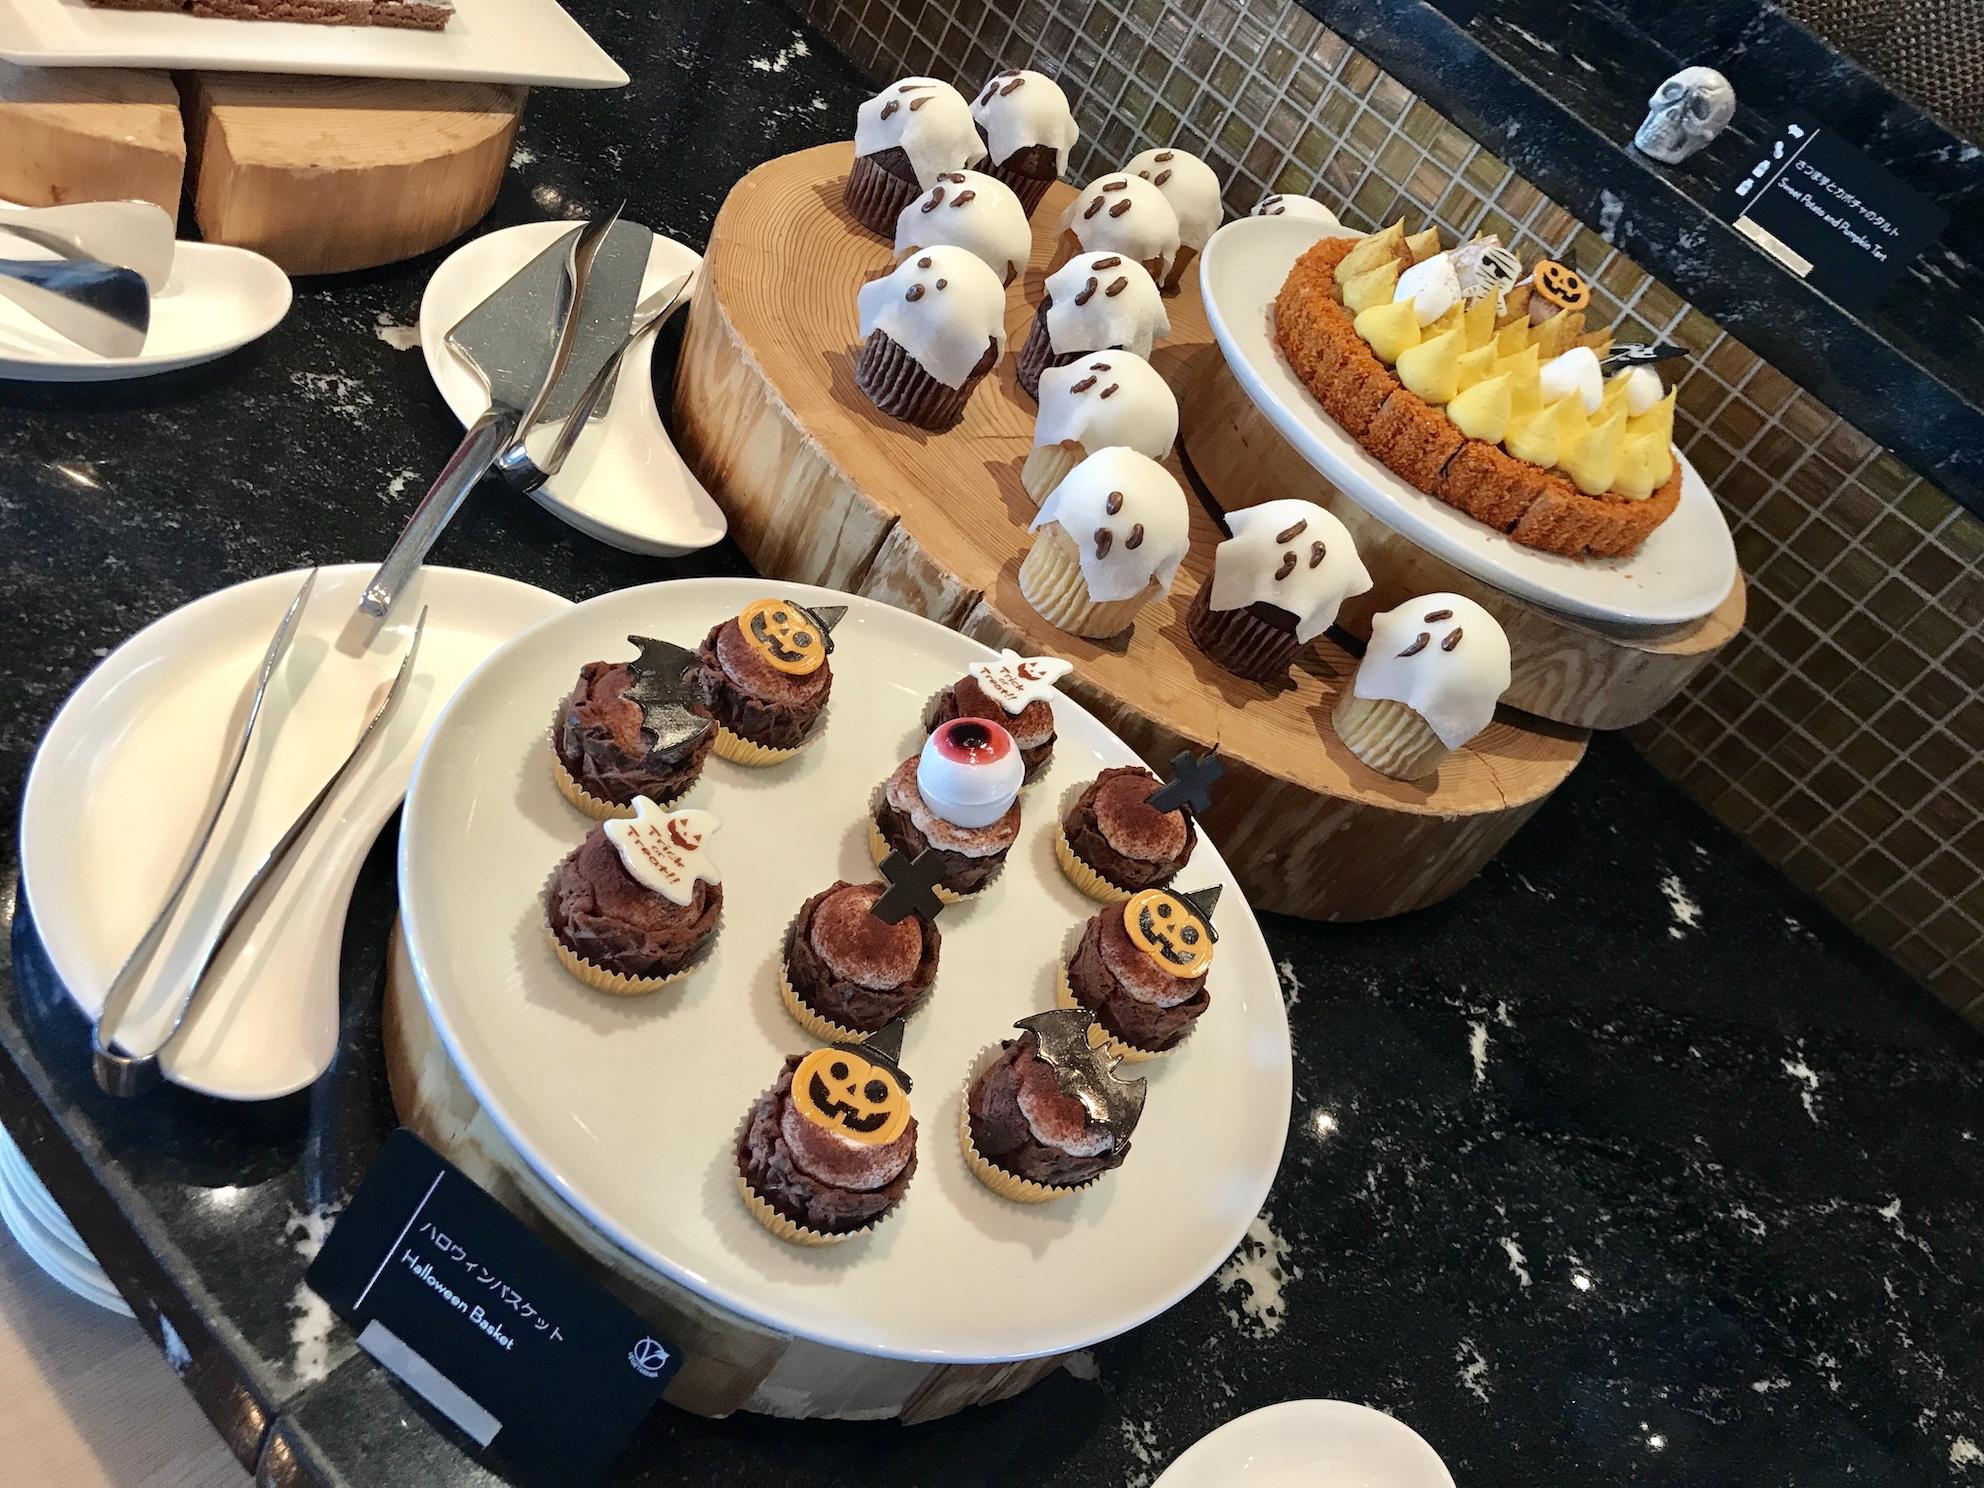 【ハロウィンスイーツブッフェへ出掛けよう!】10/5〜スタート!スイスホテル南海大阪 Swiss Chocoholic Halloween Buffet レセプションに行ってきました。【大阪 難波 なんば】_9